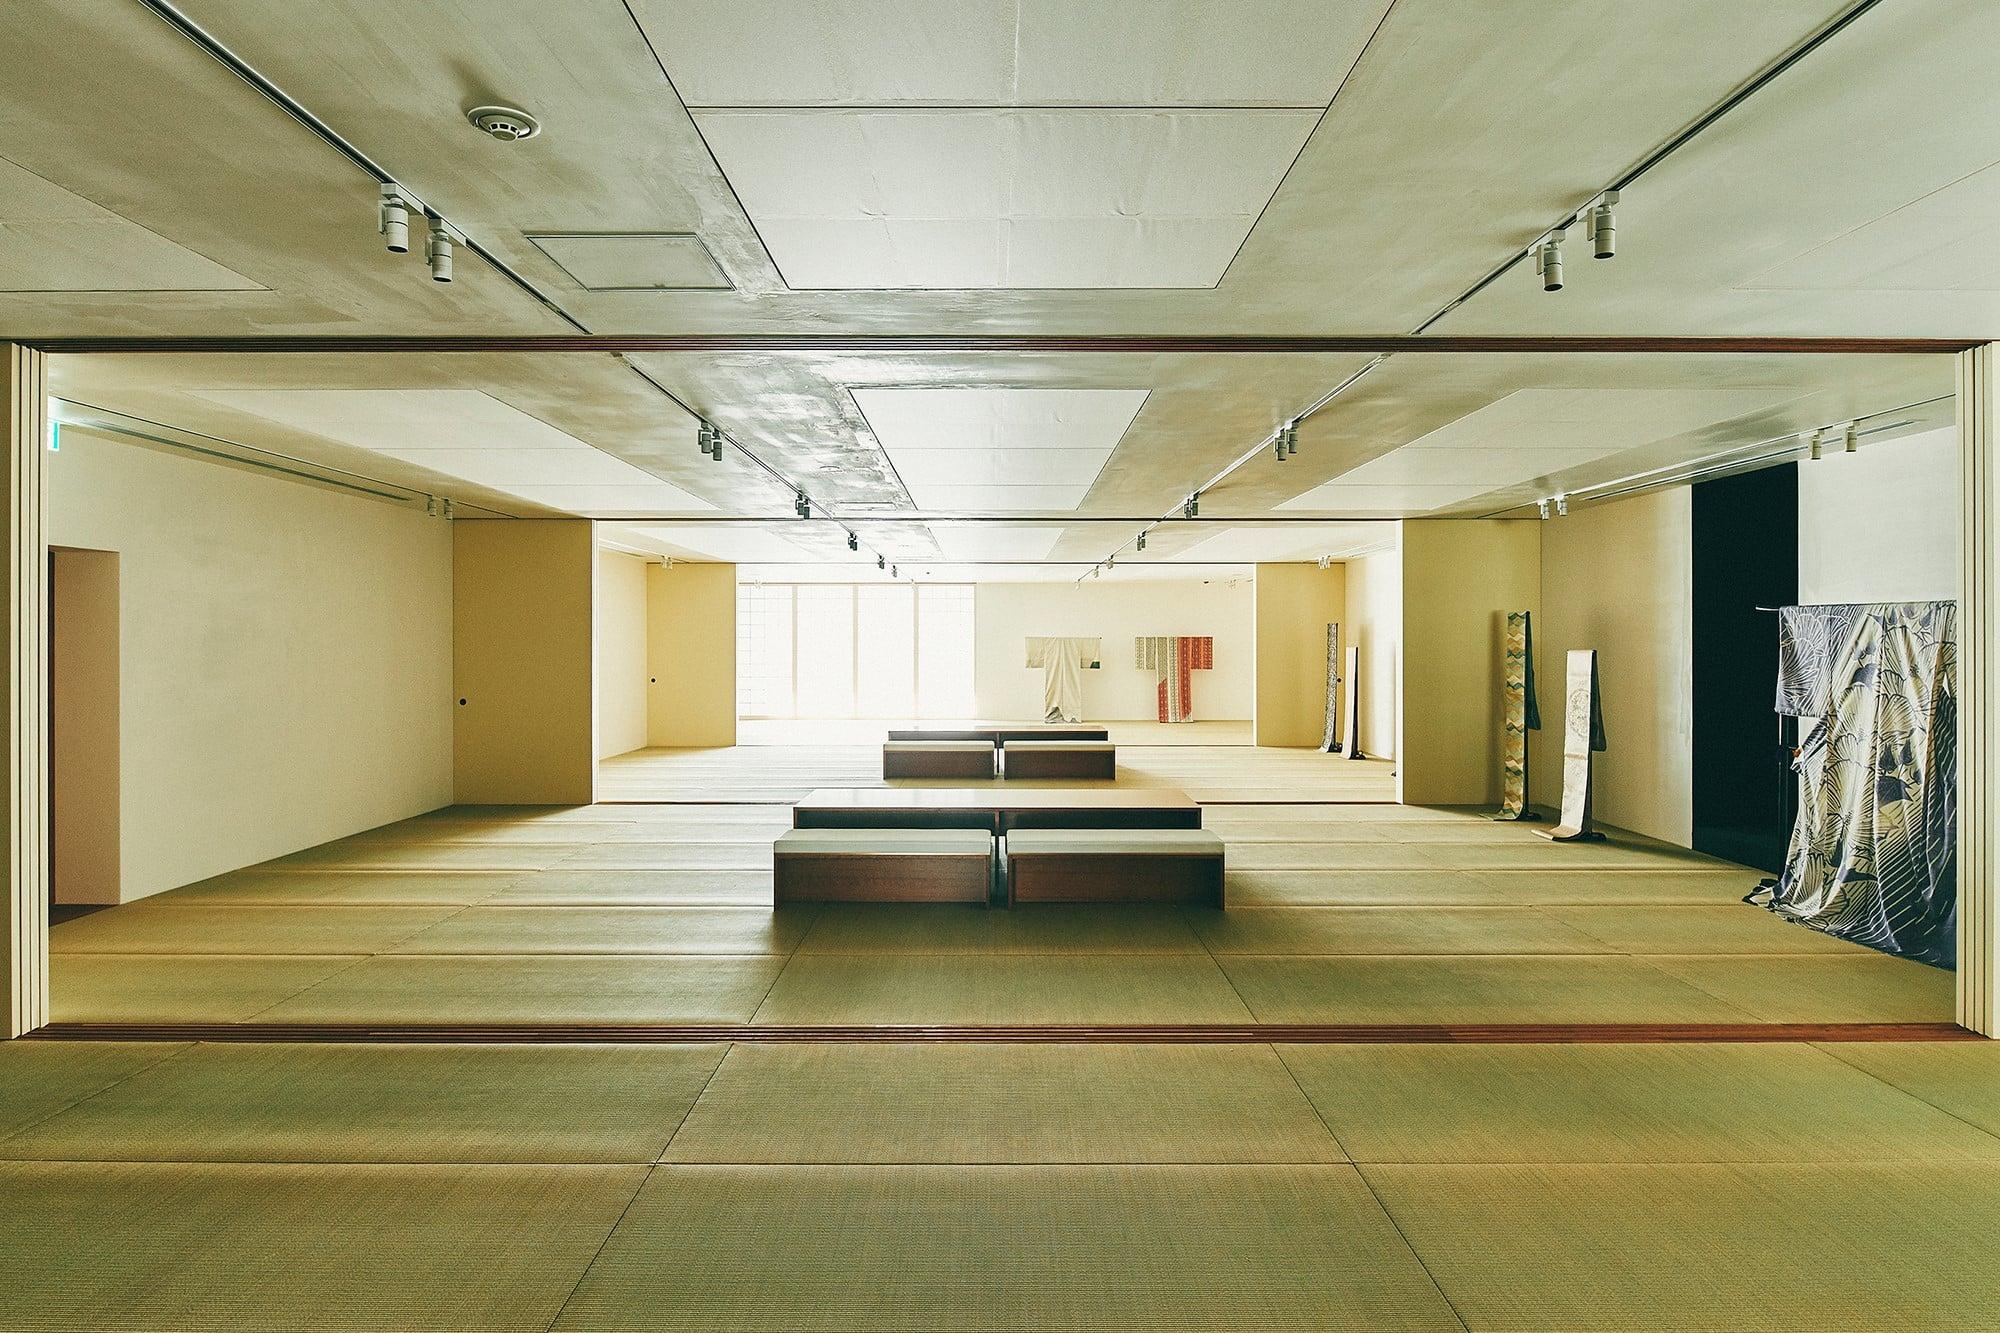 壁面収納とデジタル管理で膨大な着物コレクションが収納されている3階。